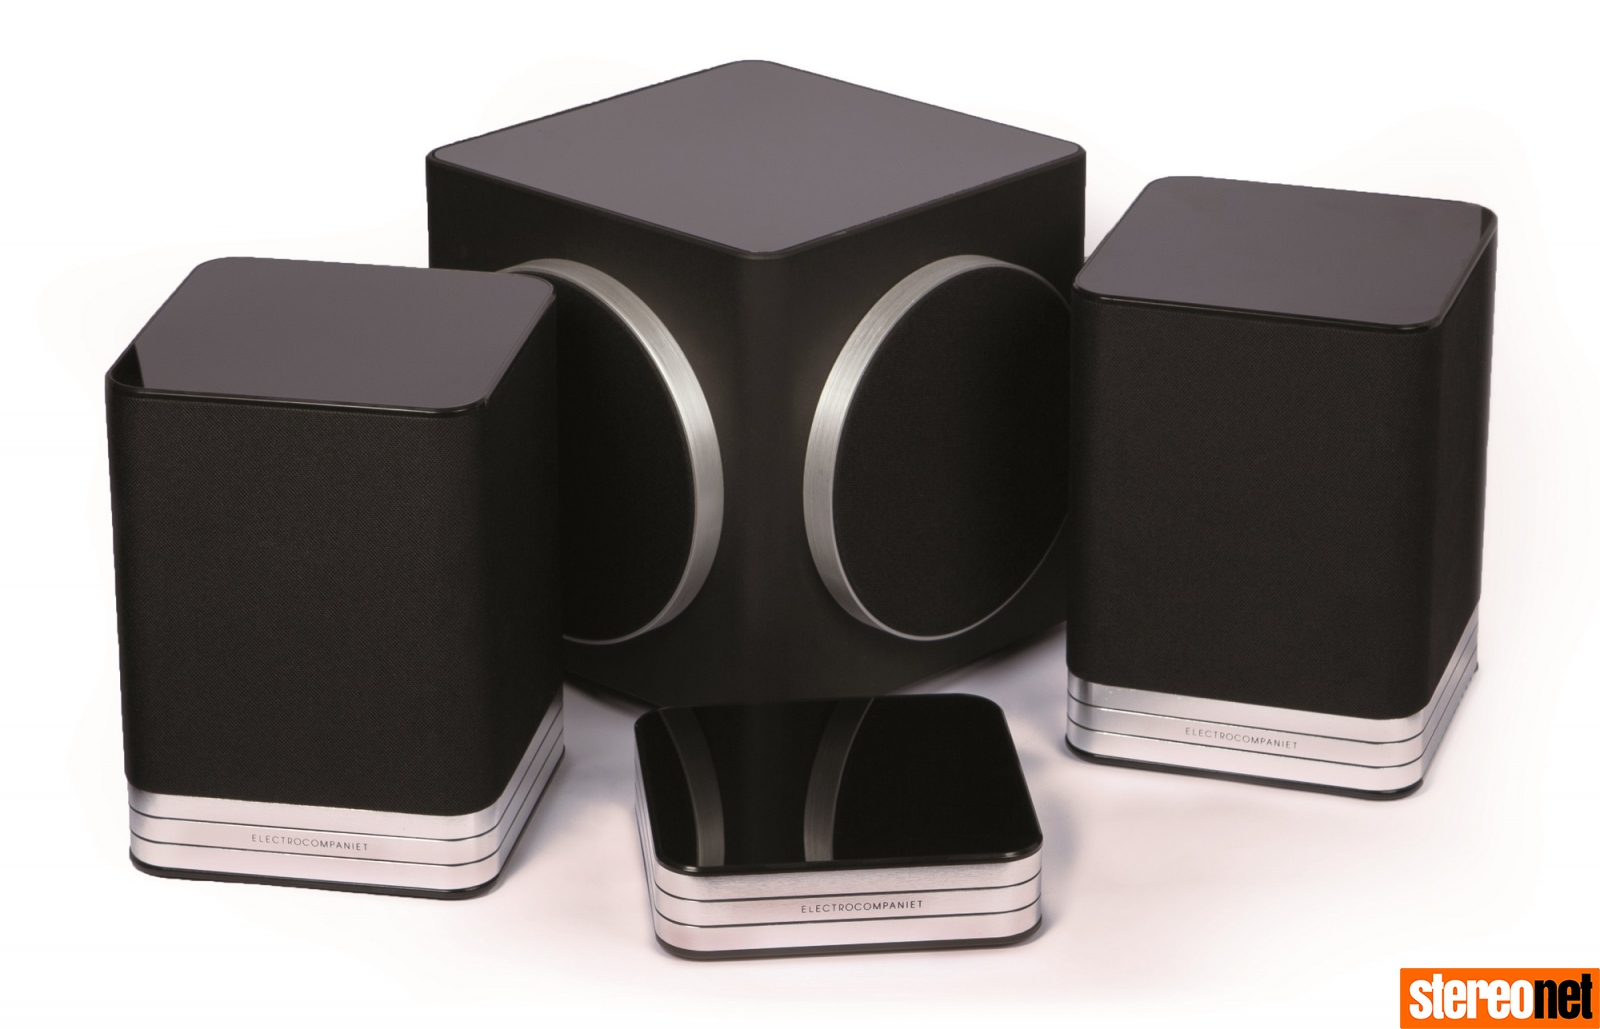 Electrocompaniet Tana 2 wirelesss streaming speaker